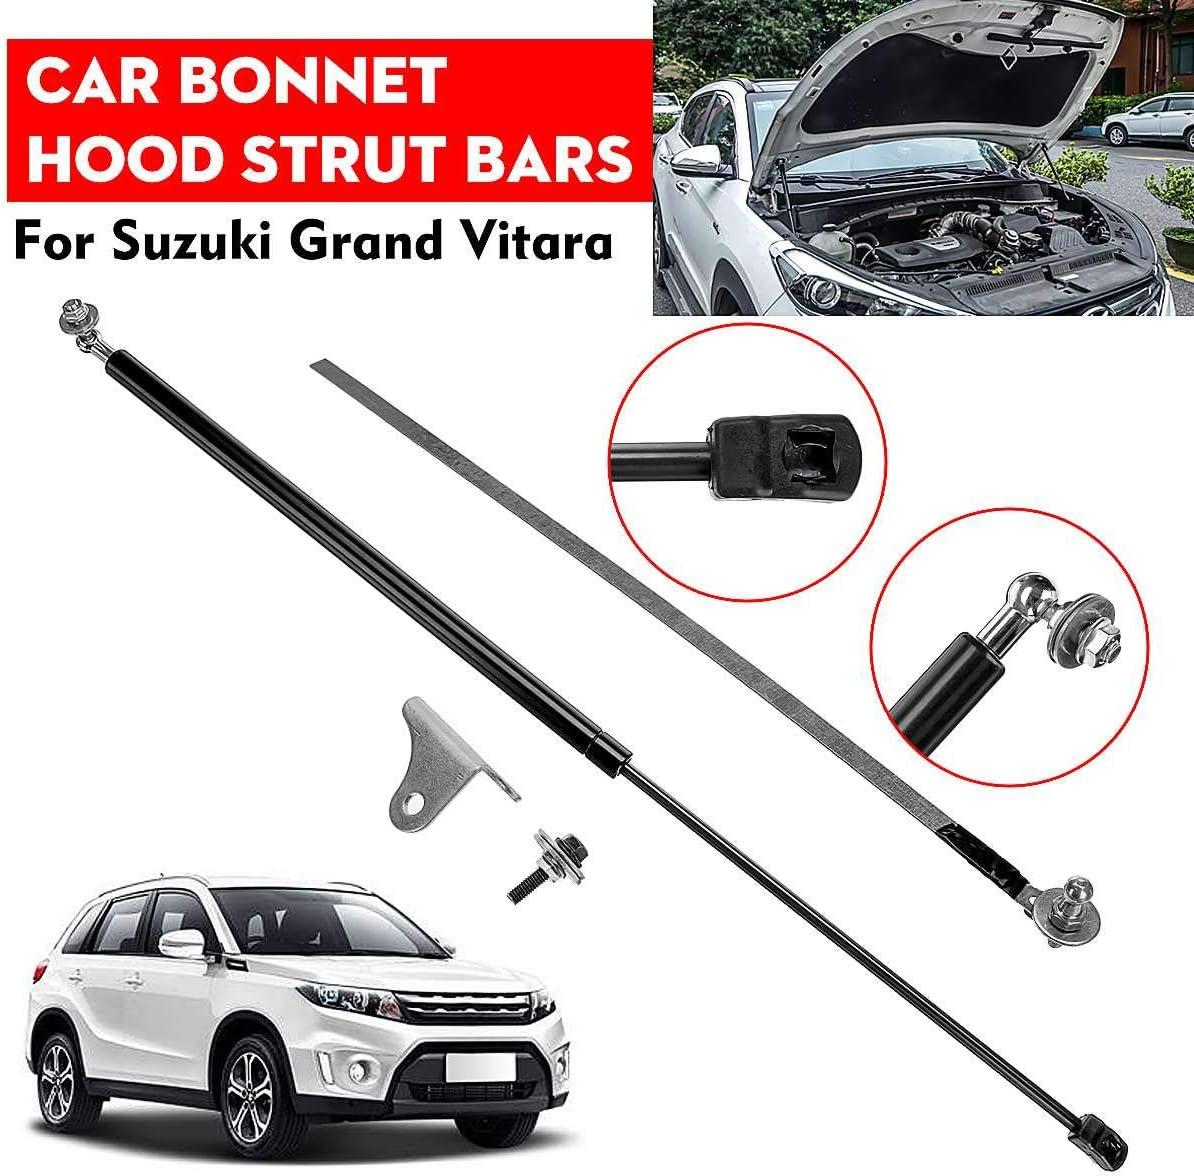 F/ür Suzuki Vitara 2016-2019 TAYDMEO 1 St/ücke Vordere Motorabdeckung Motorhaube D/ämpferheber Federbeine Bar Support Rod Arm Gasfeder Halterung